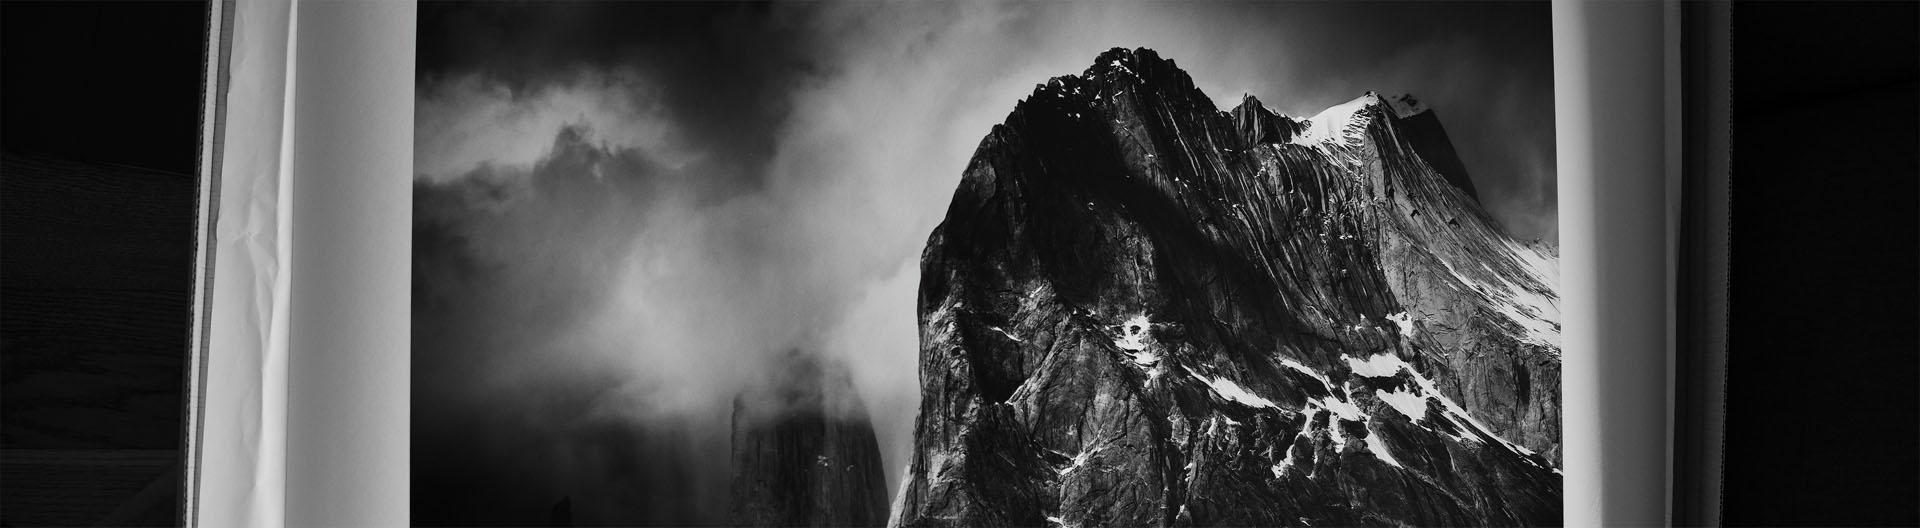 Czarno-biały wydruk fotografii górskiego pejzażu